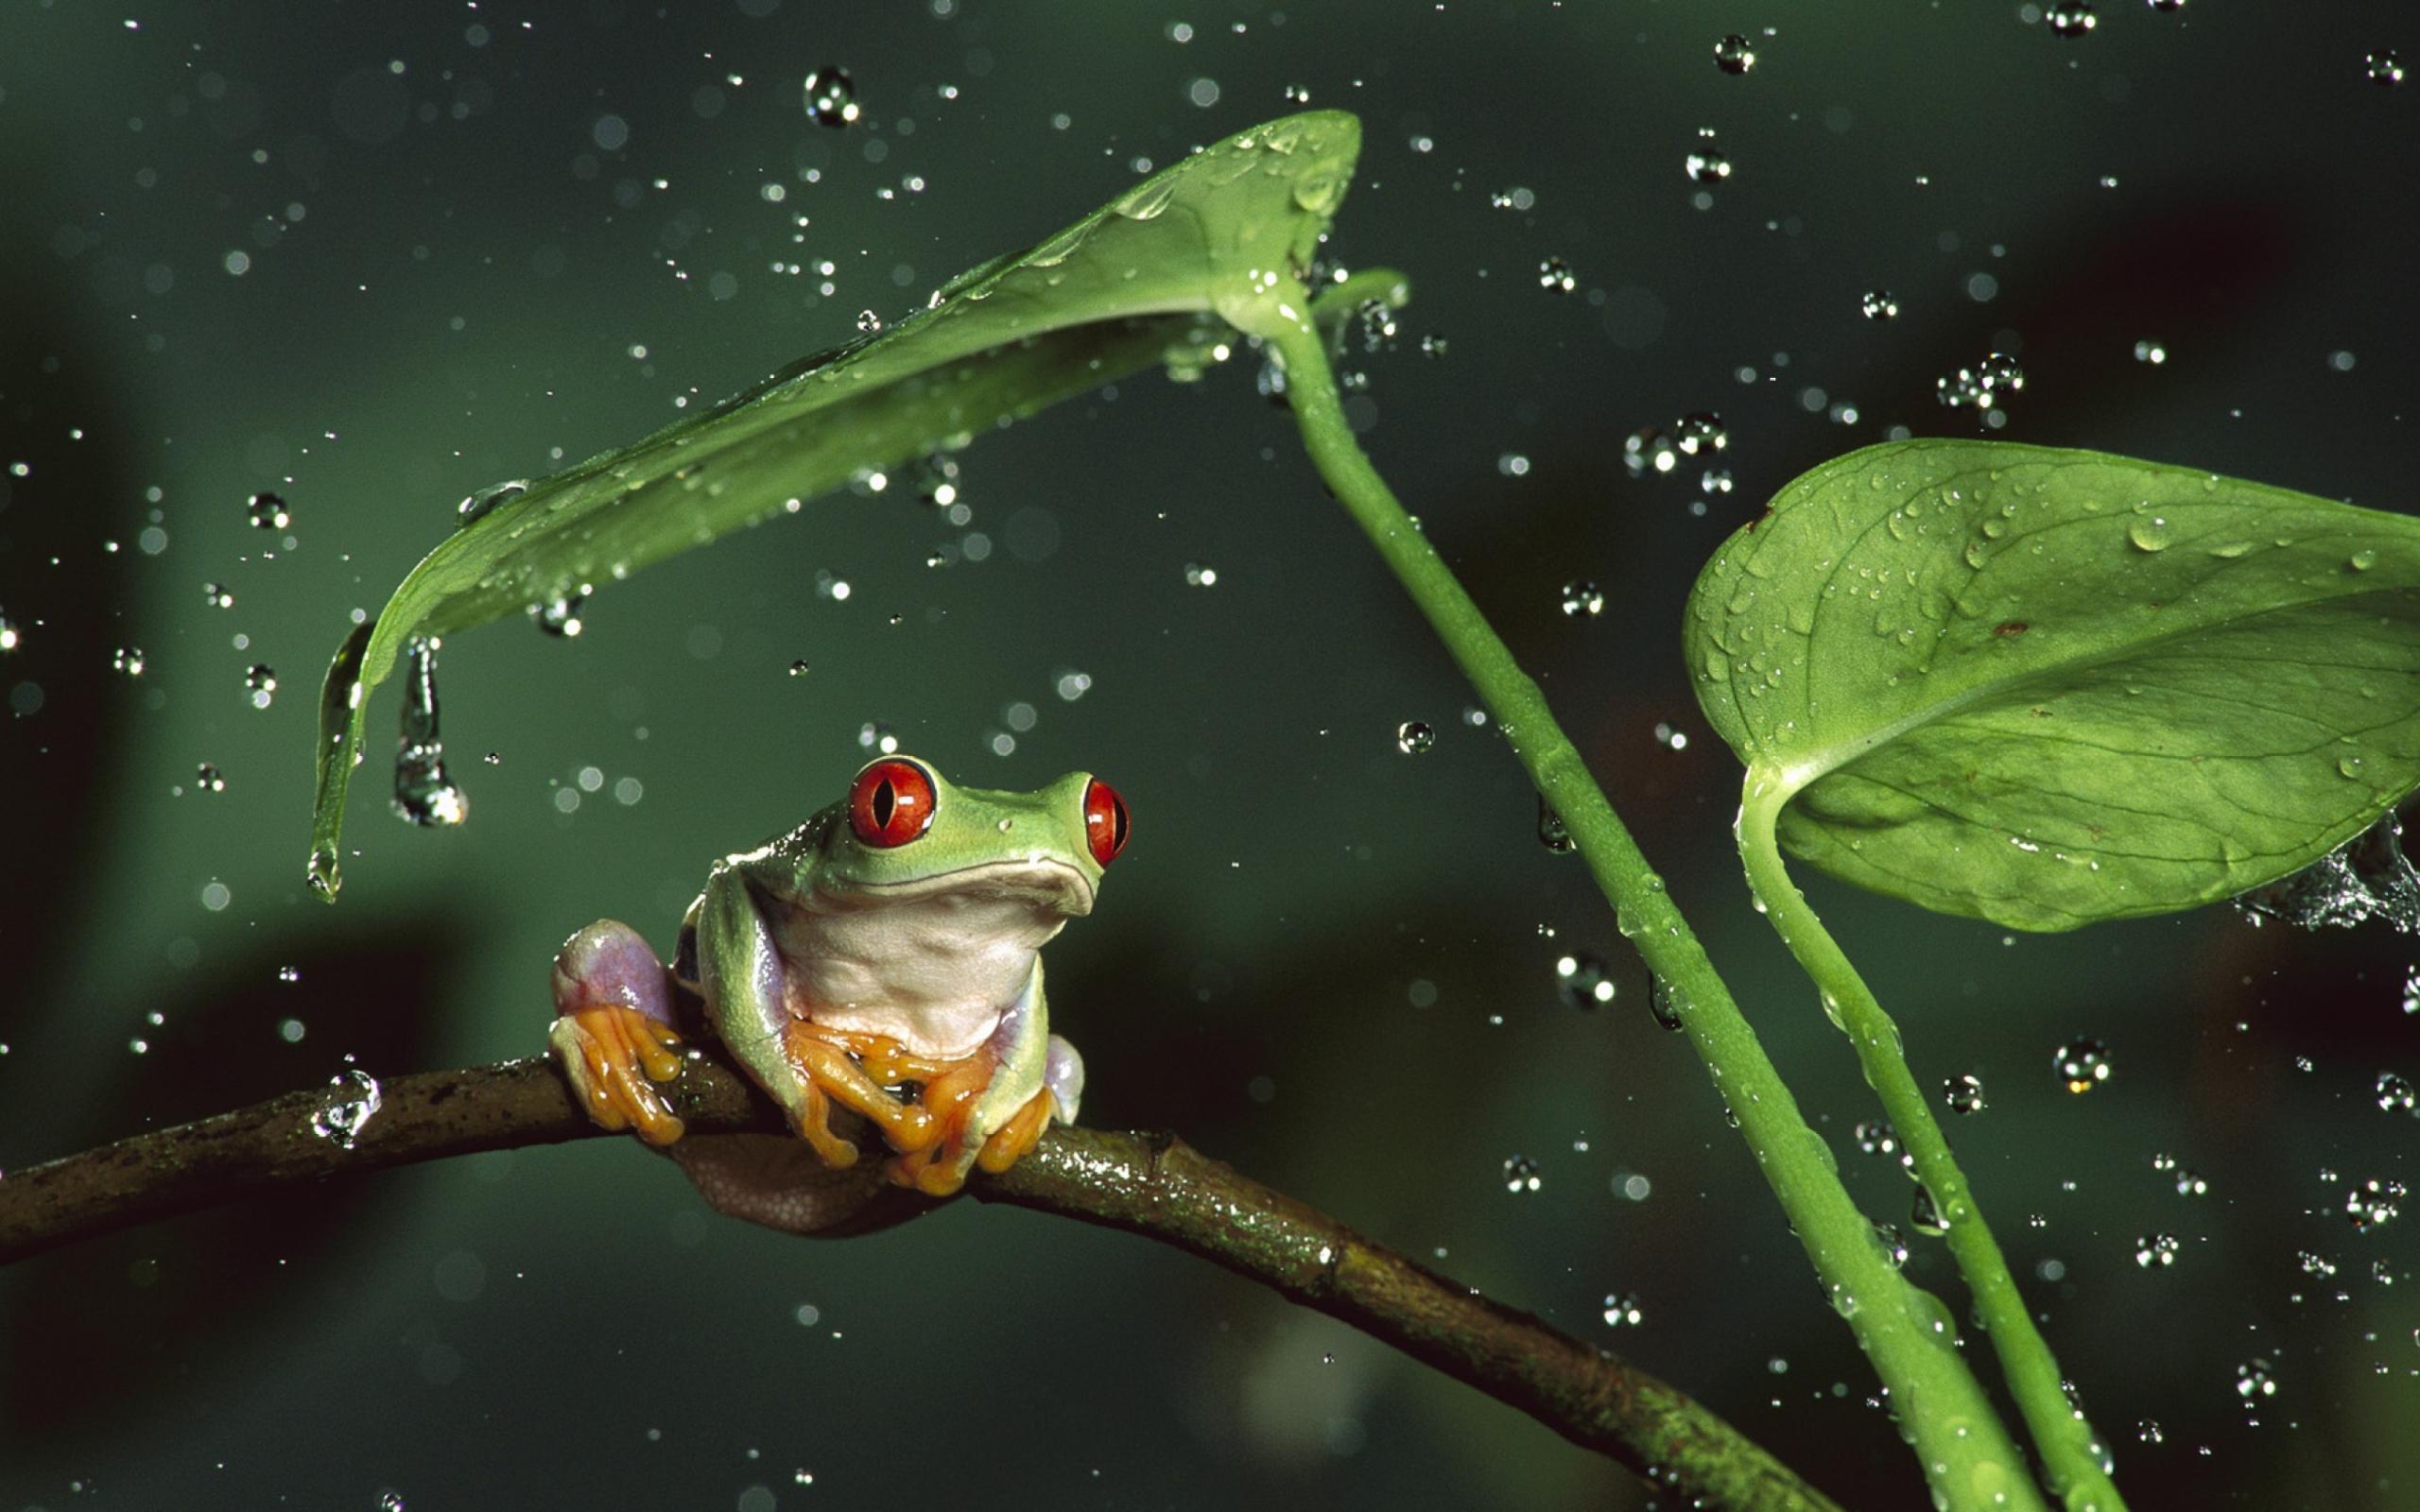 жаба лист фон  № 3164586 бесплатно